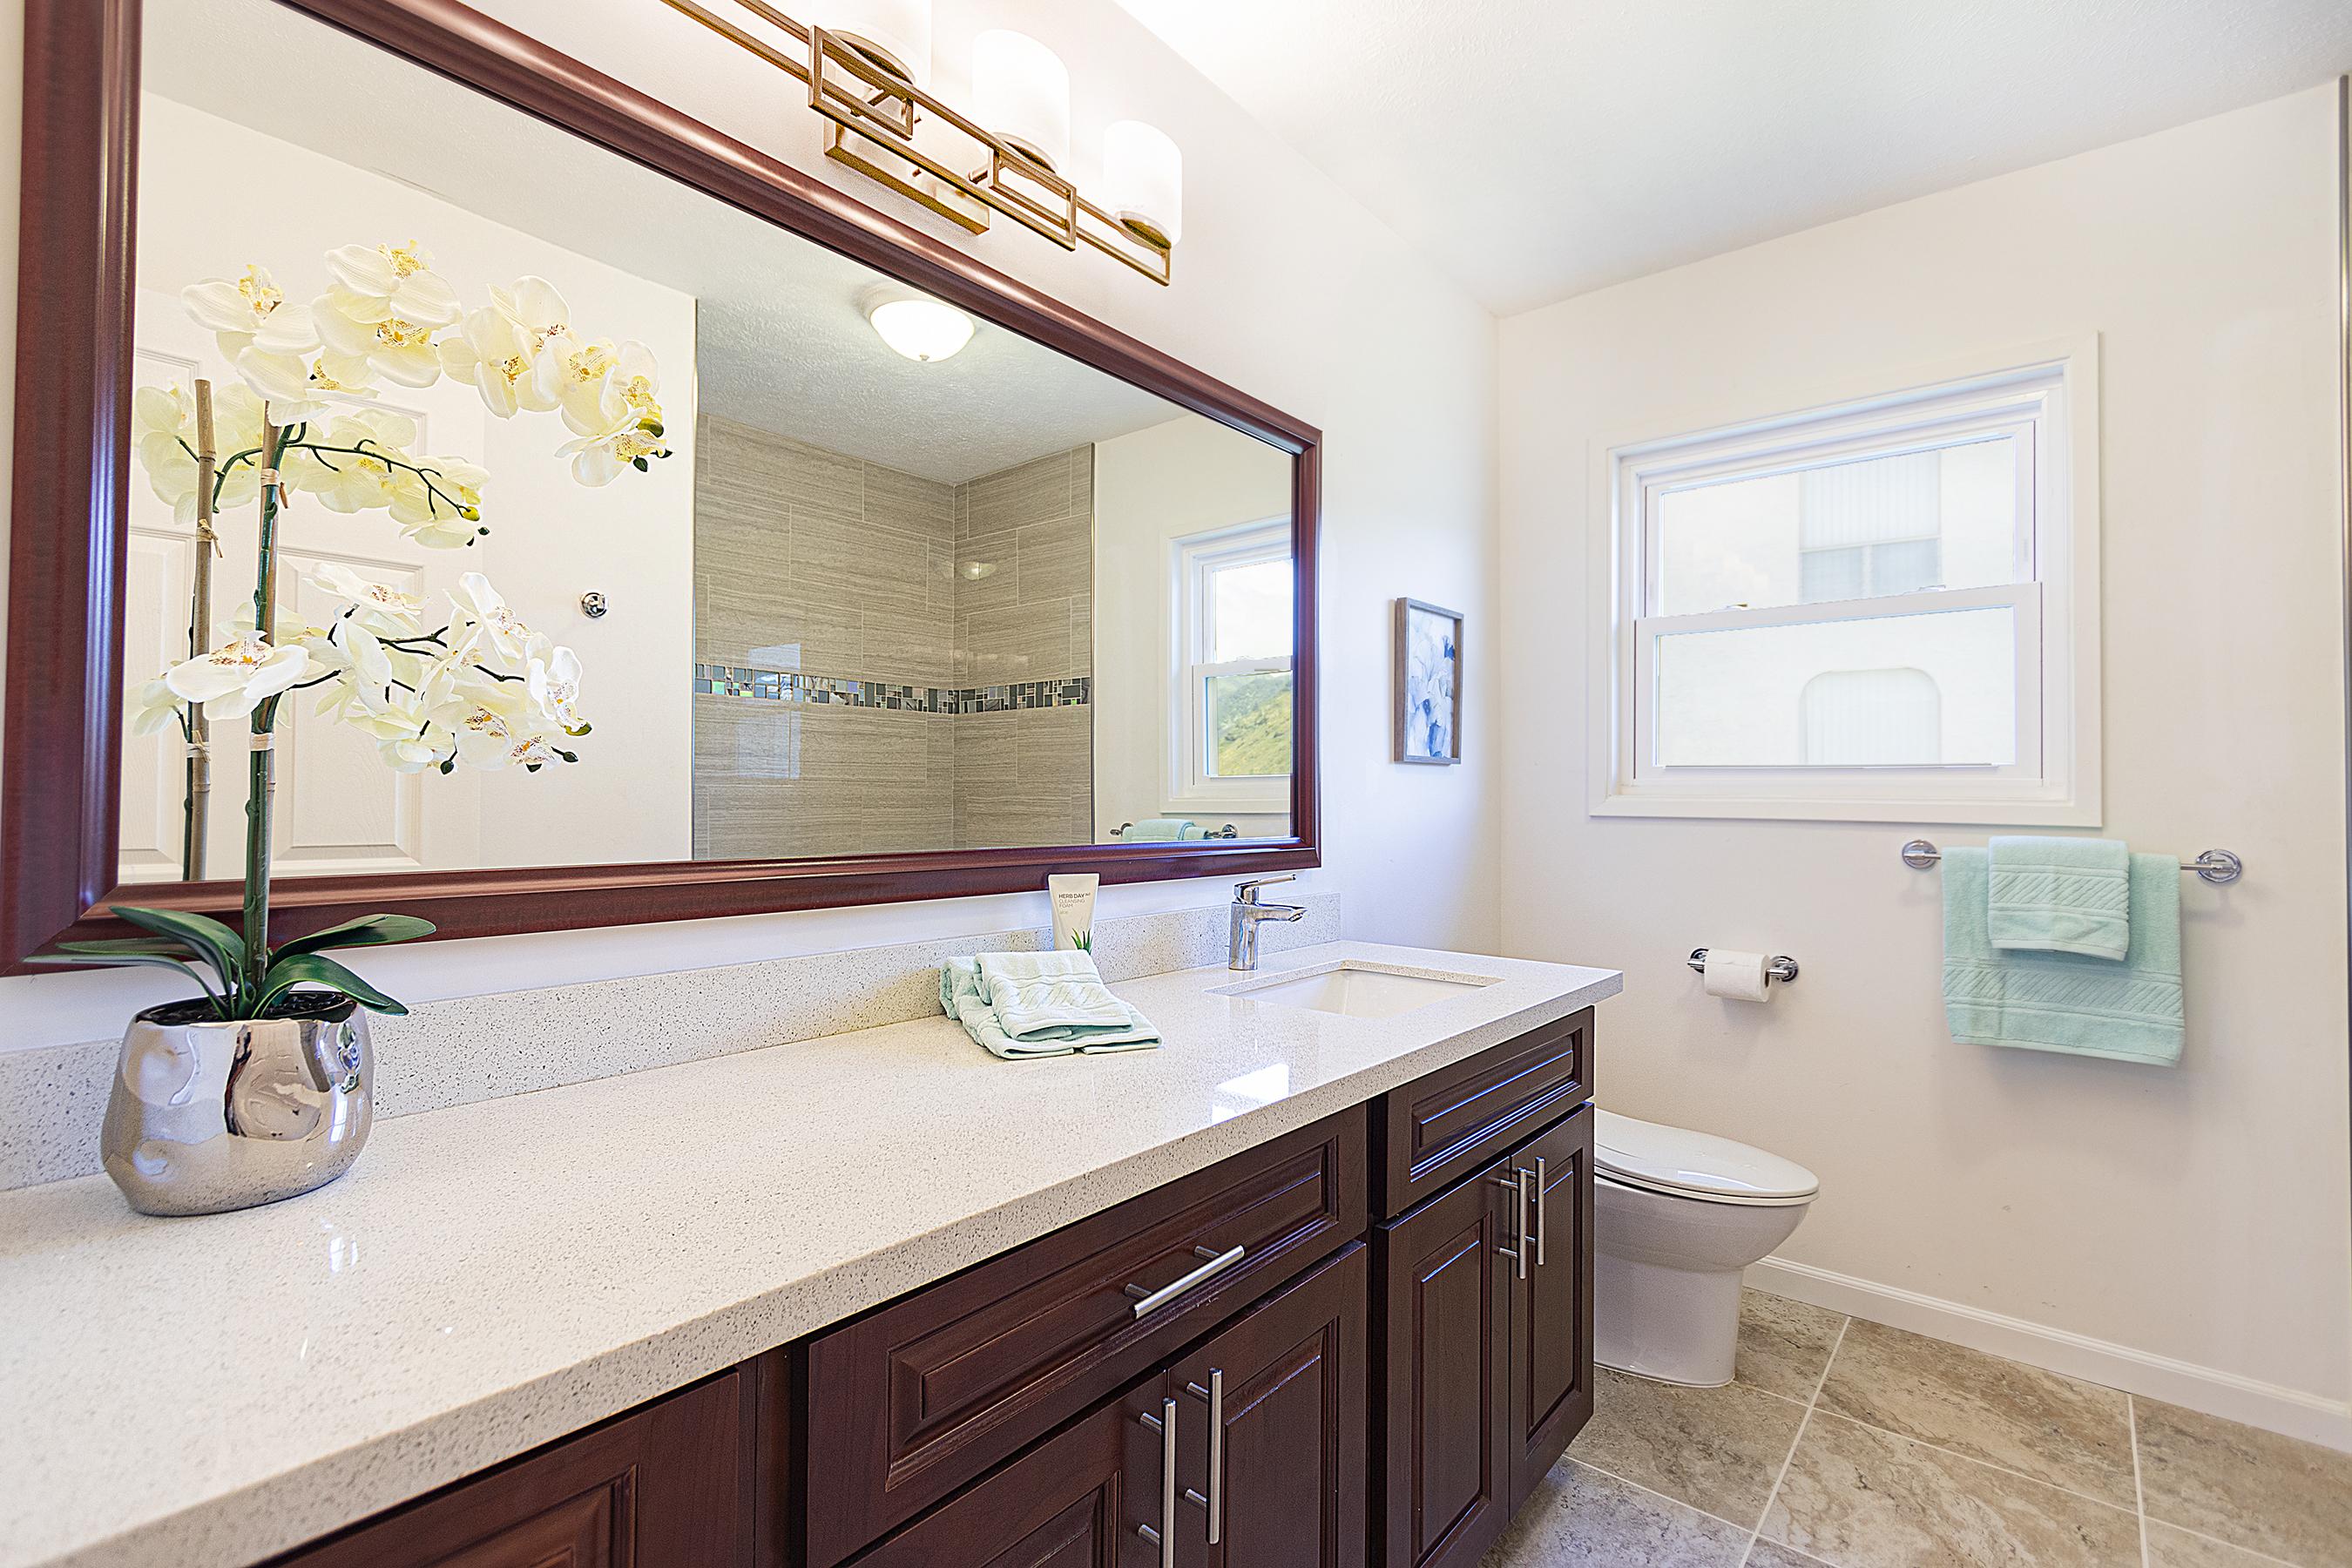 Second bathroom at 5307 Poola St Honolulu 96821